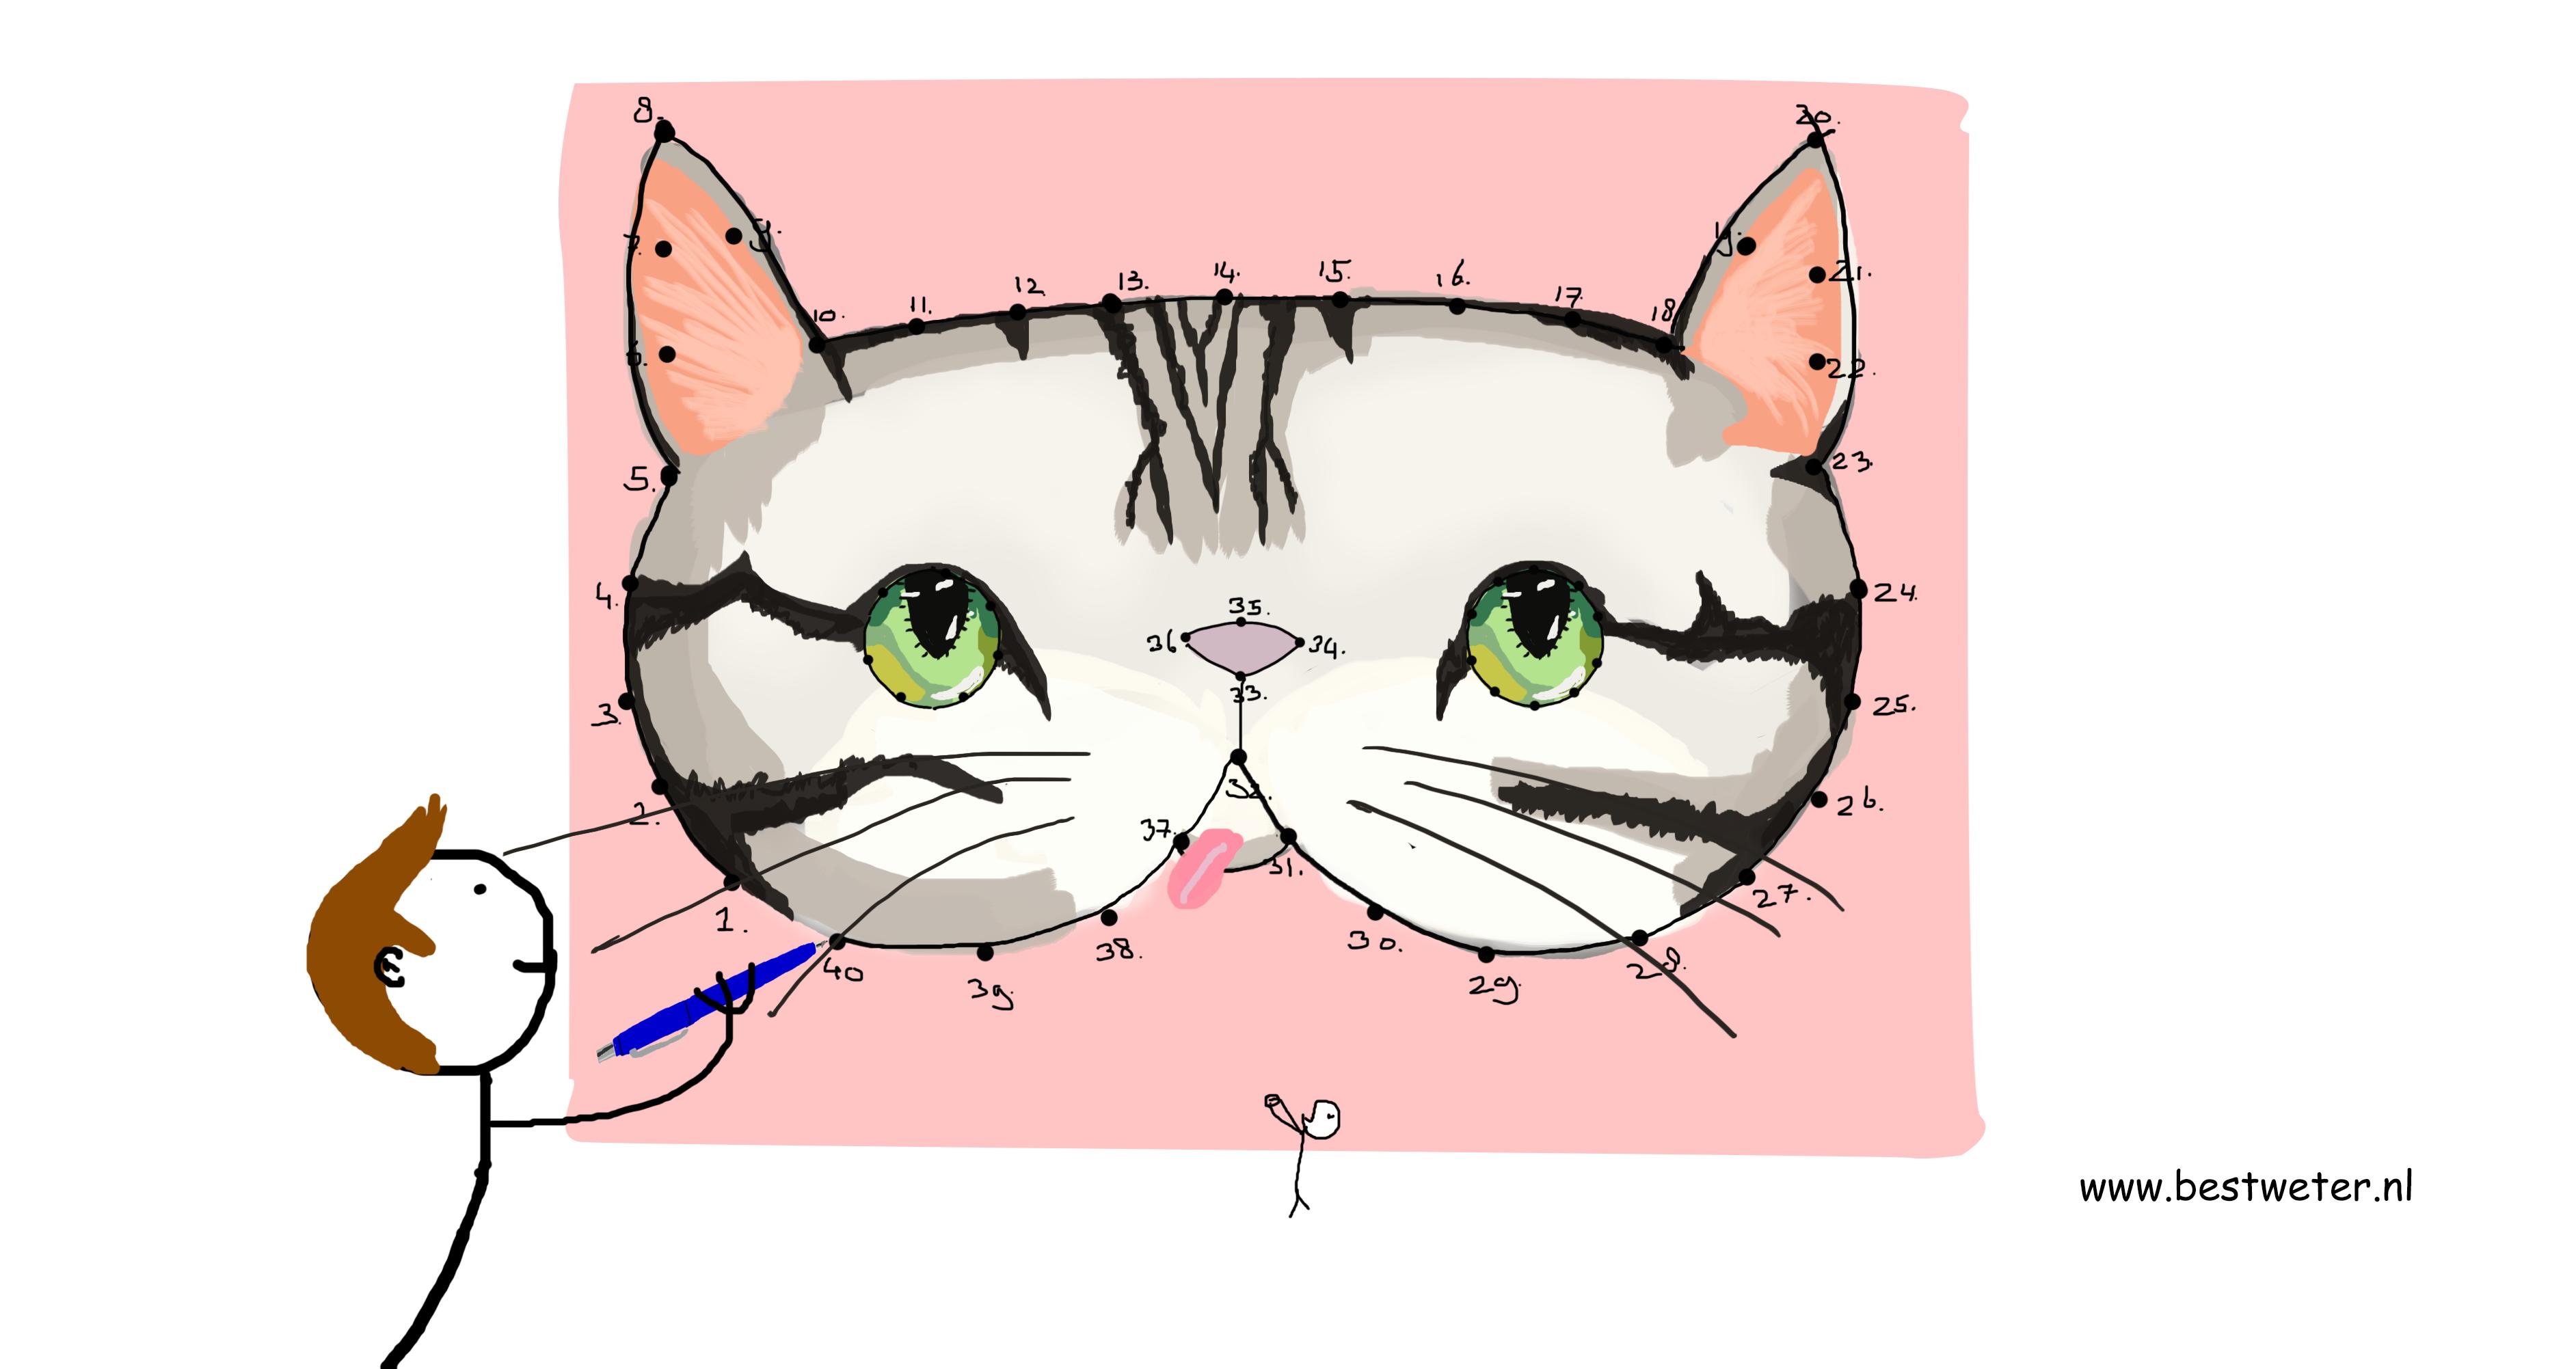 kattenhoofd getekend illustratie